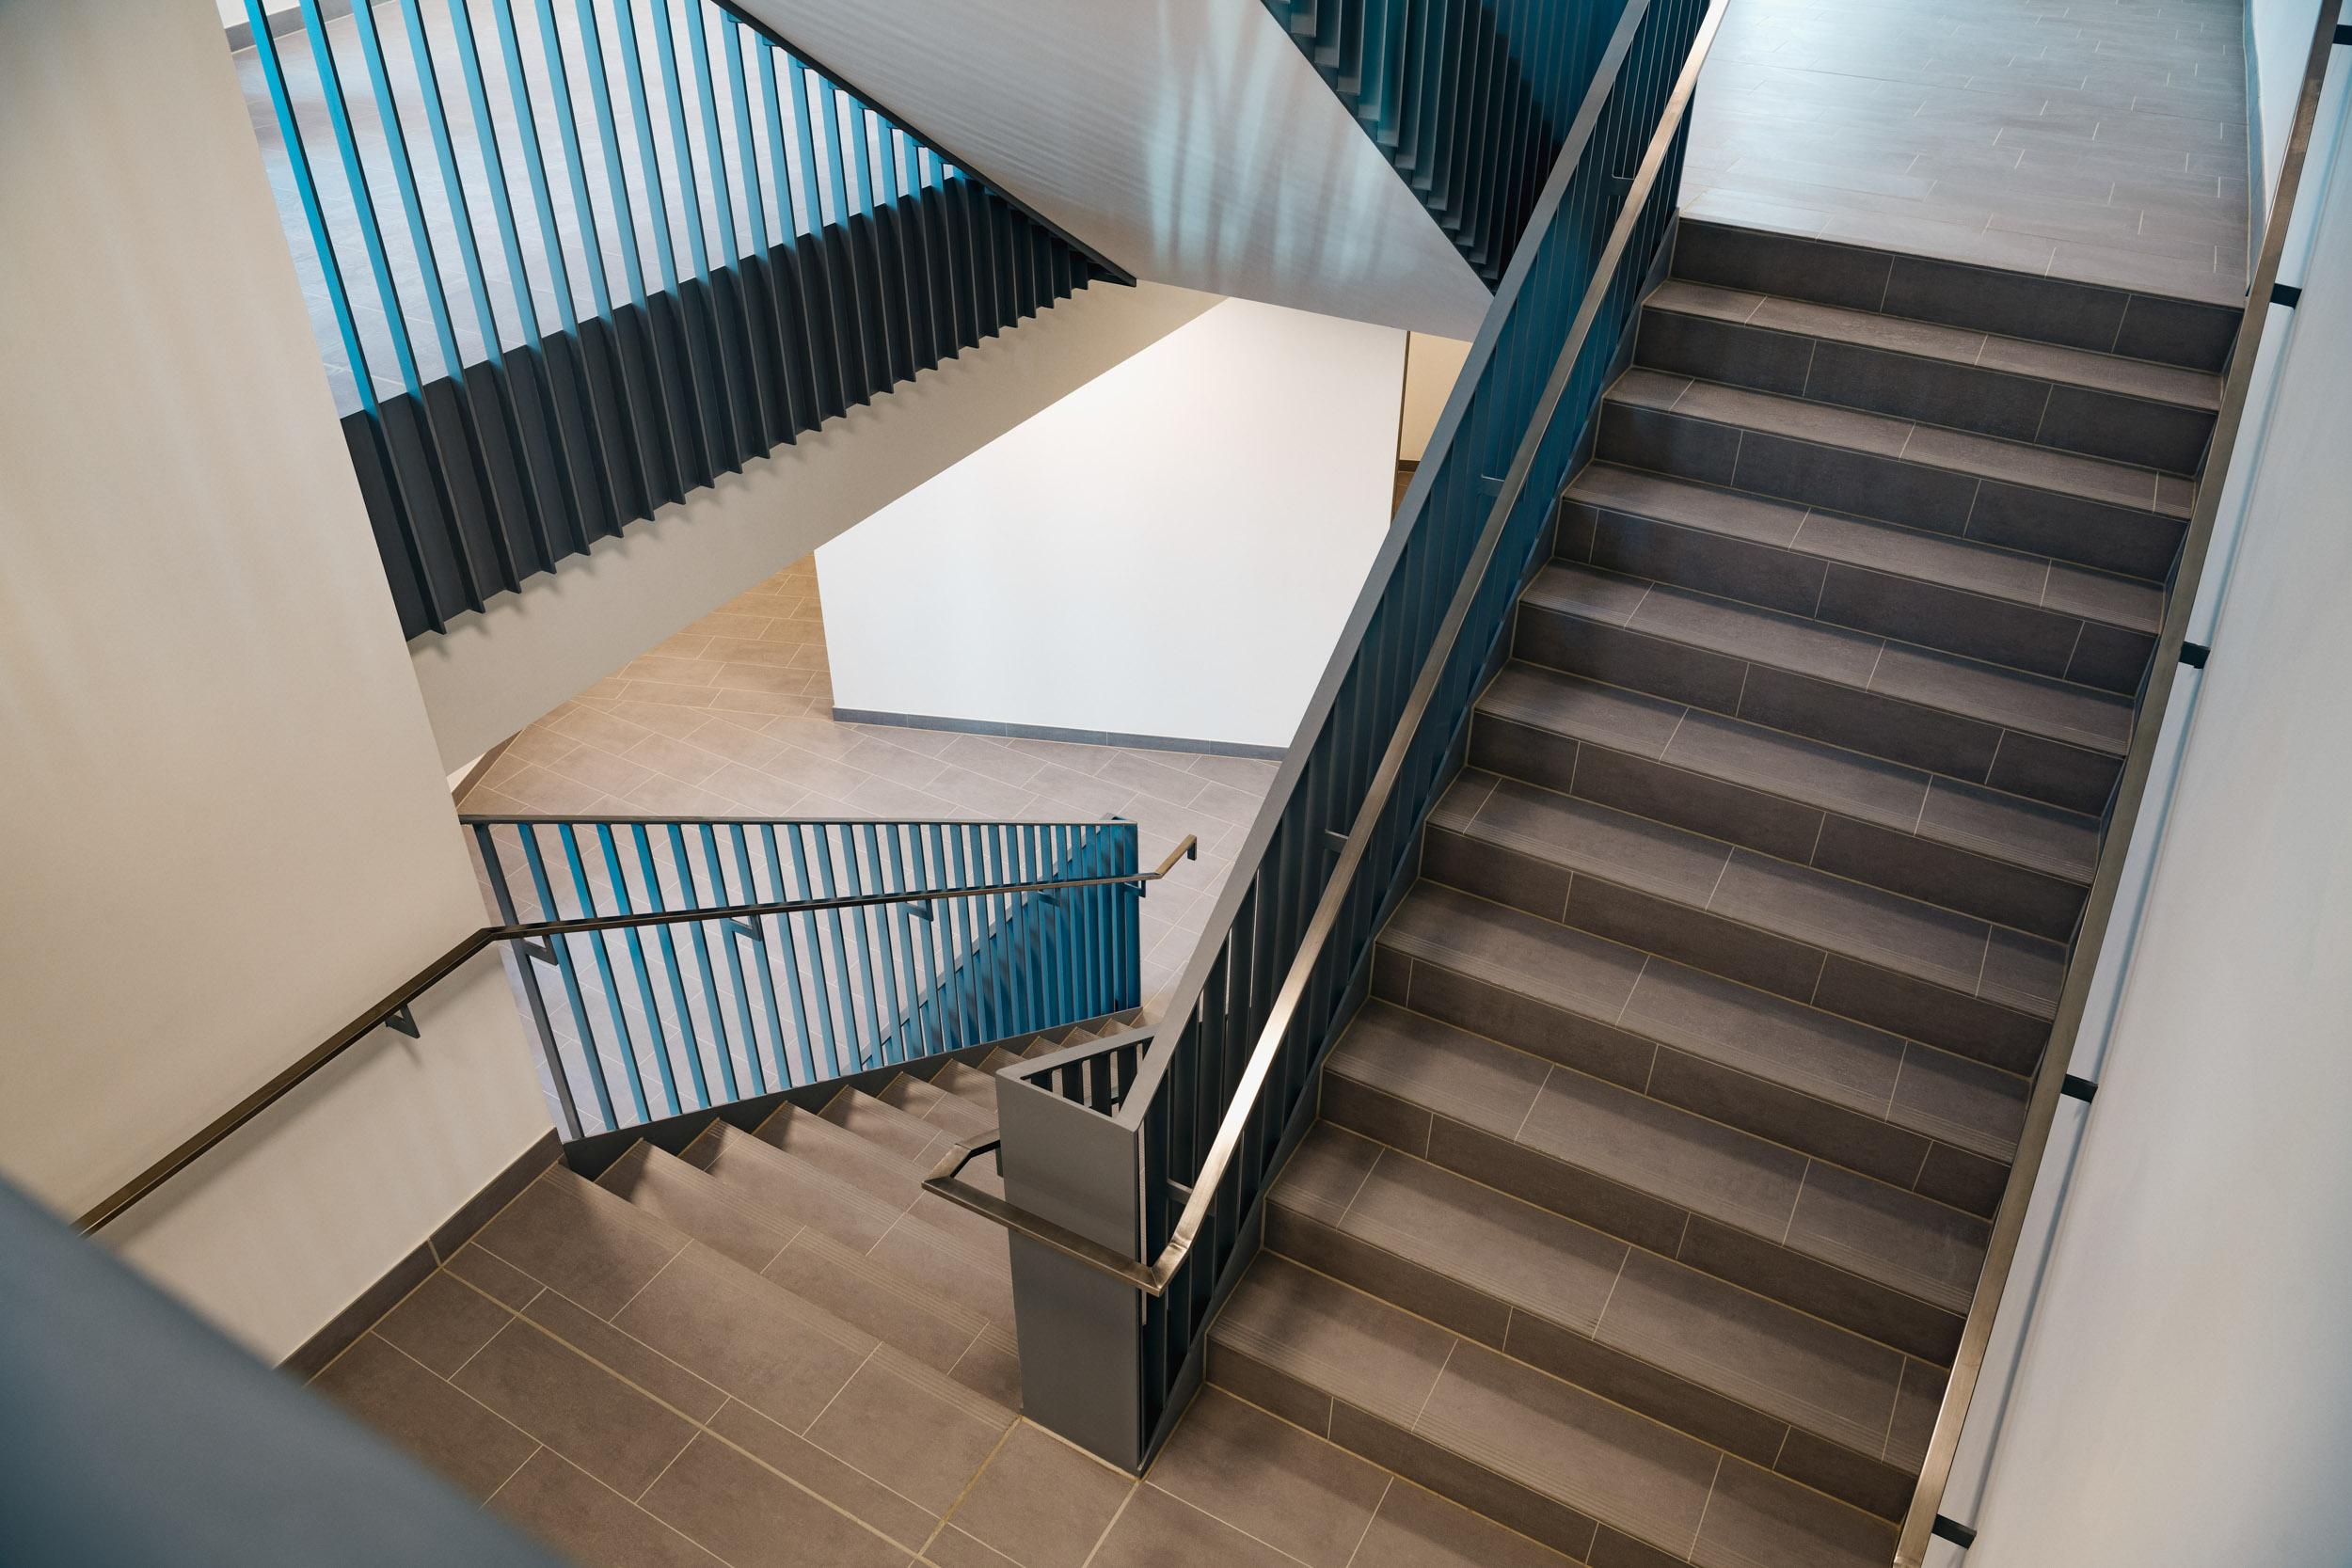 Gustav-Epple-Bauunternehmung-Infinity-Düsseldoef-Schwannstrasse-Architektur-Büro_MLX5513